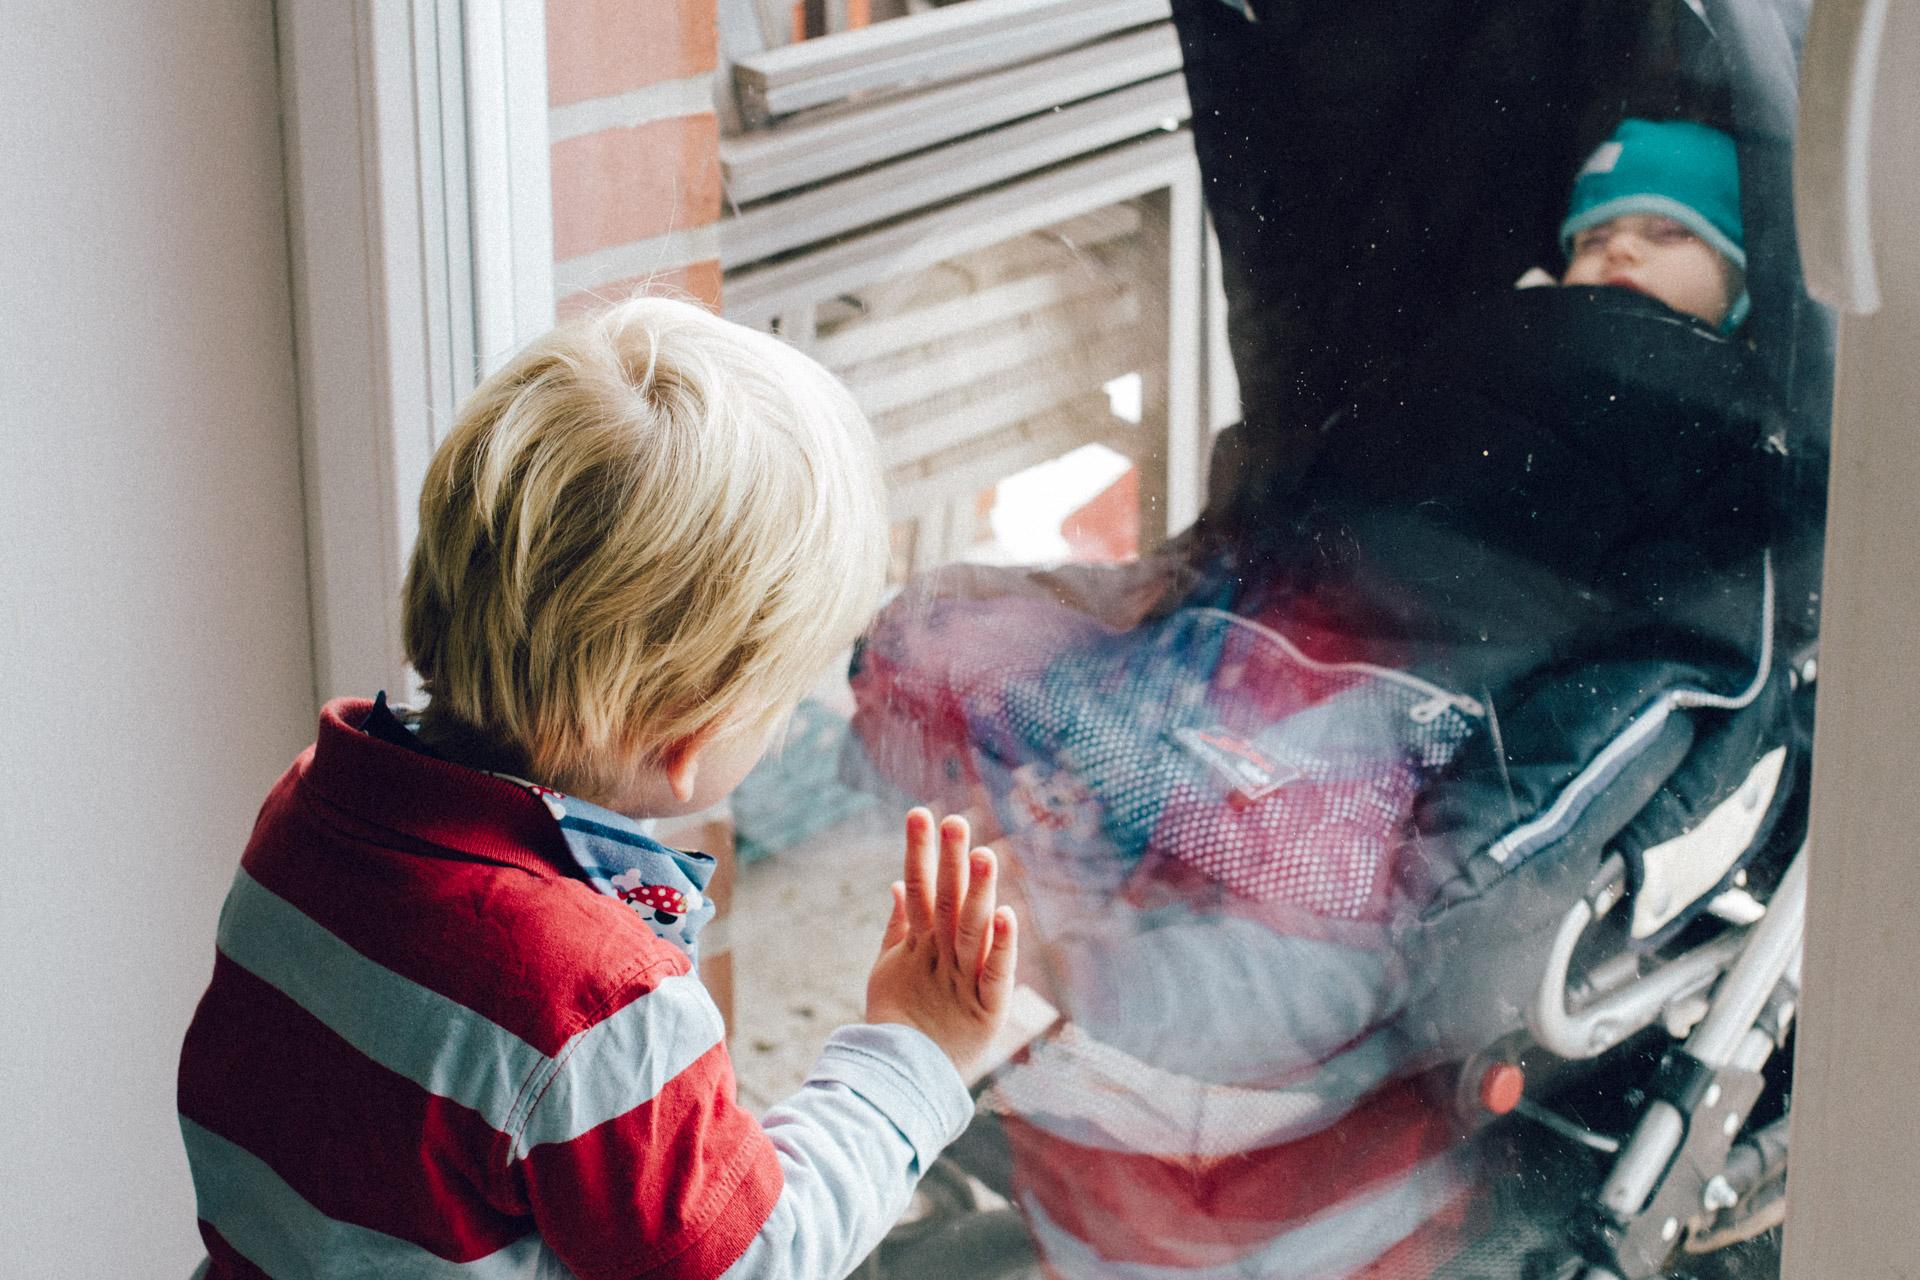 Familienreportage Berlin: blonder Junge in rot gestreiftem Pullover schaut aus dem Fenster vor dem ein Baby im Kinderwagen schläft